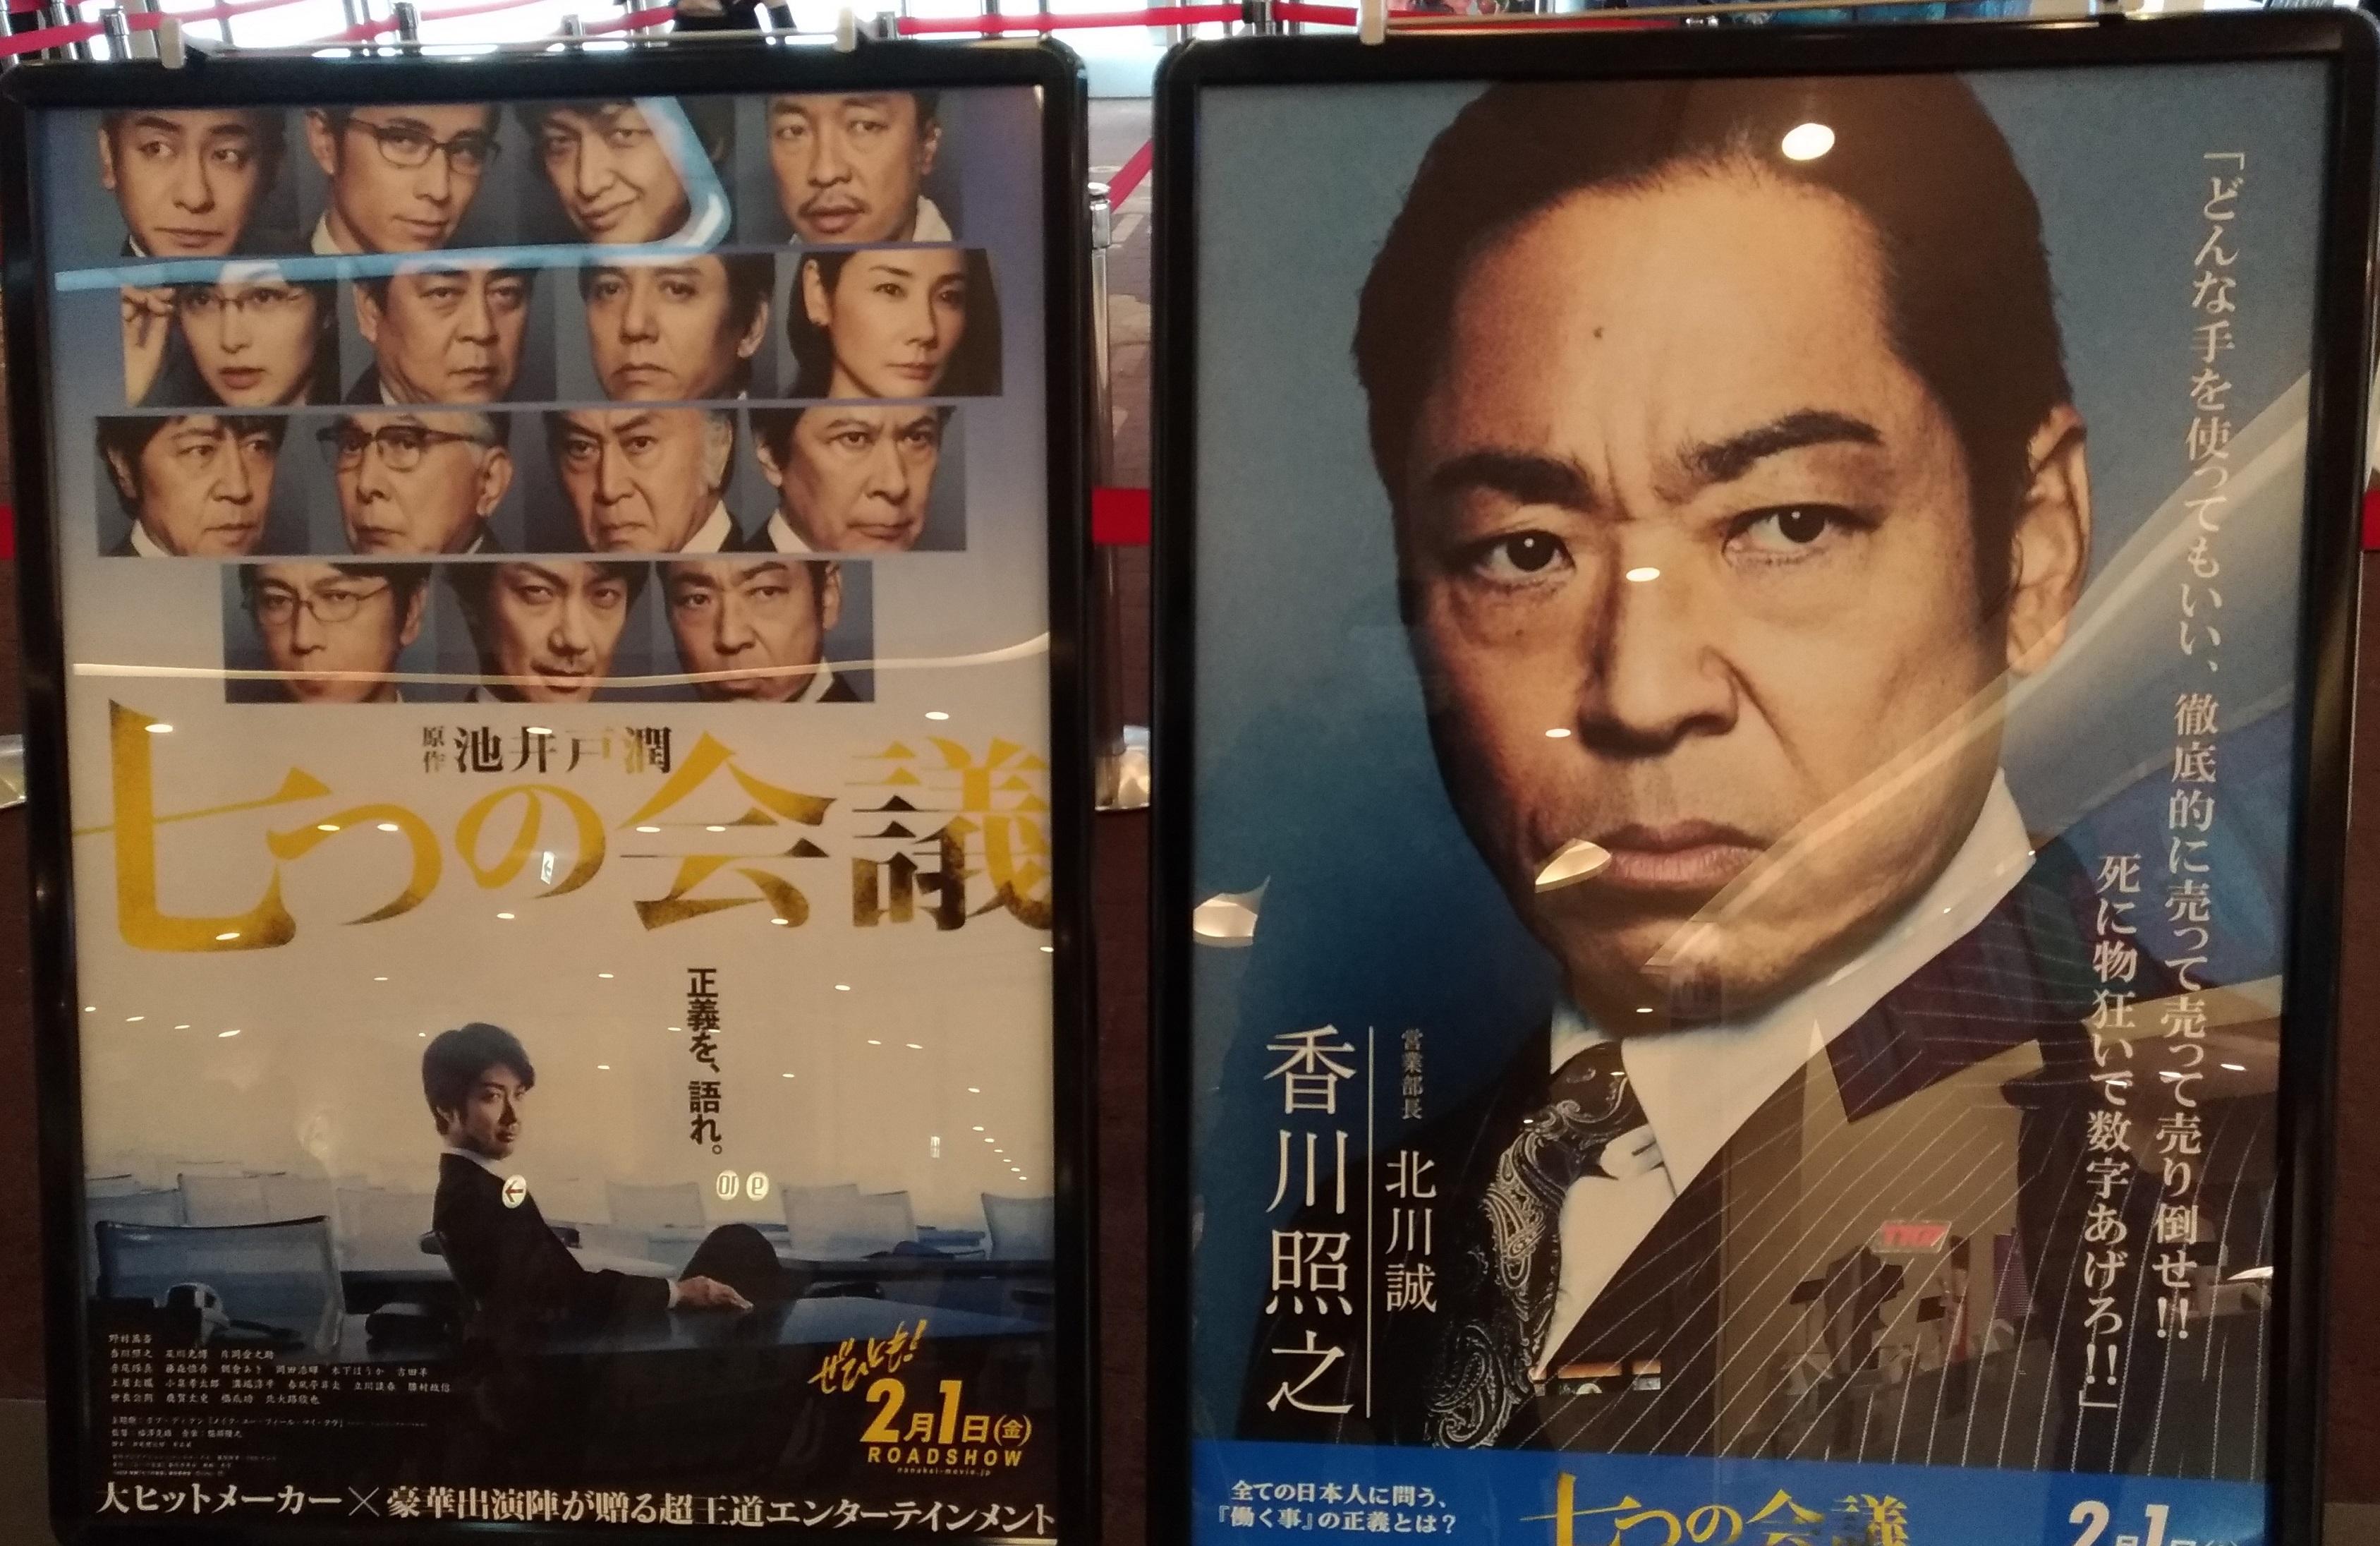 osaka_movies_nanatsunokaigi1.jpg